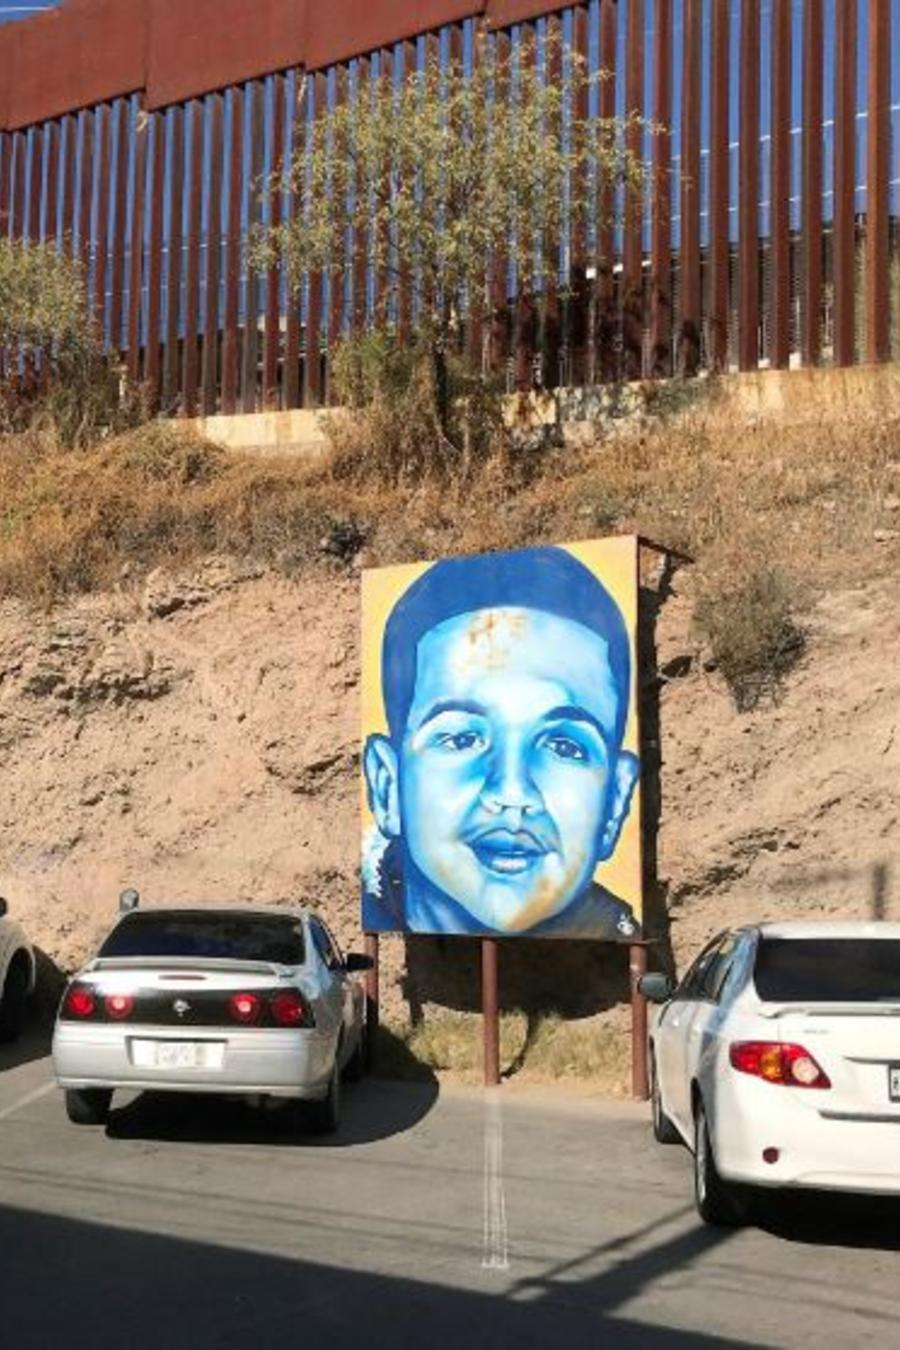 En esta fotografía de archivo del 4 de diciembre de 2017, un retrato del joven mexicano José Antonio Elena Rodríguez, que fue muerto a balazos en Nogales, Sonora, México, yace a la vista en la calle de Nogales en la que fue asesinado, junto a la frontera